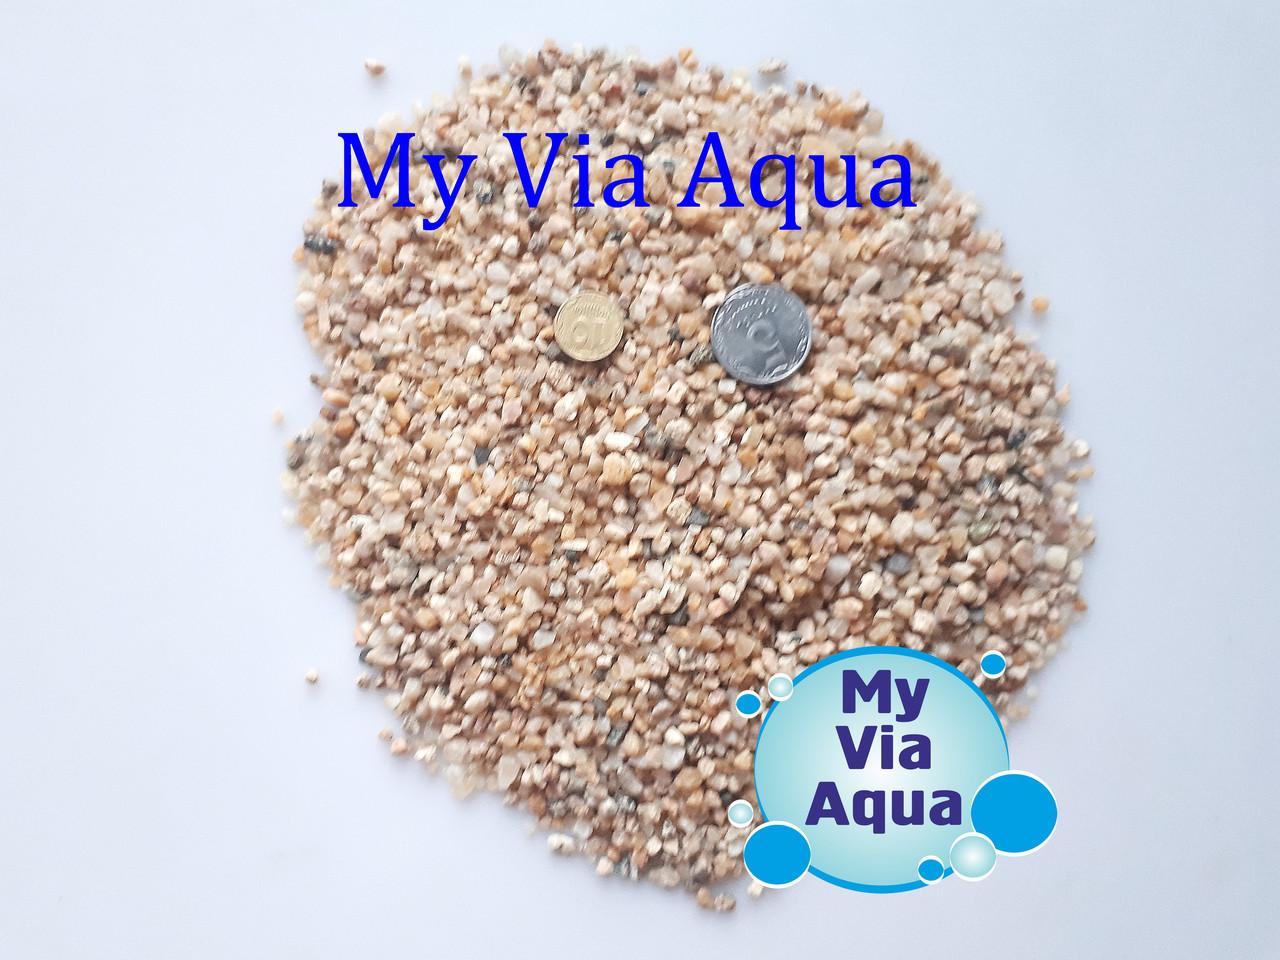 Грунт для акваріума №1, галька 3-5 мм